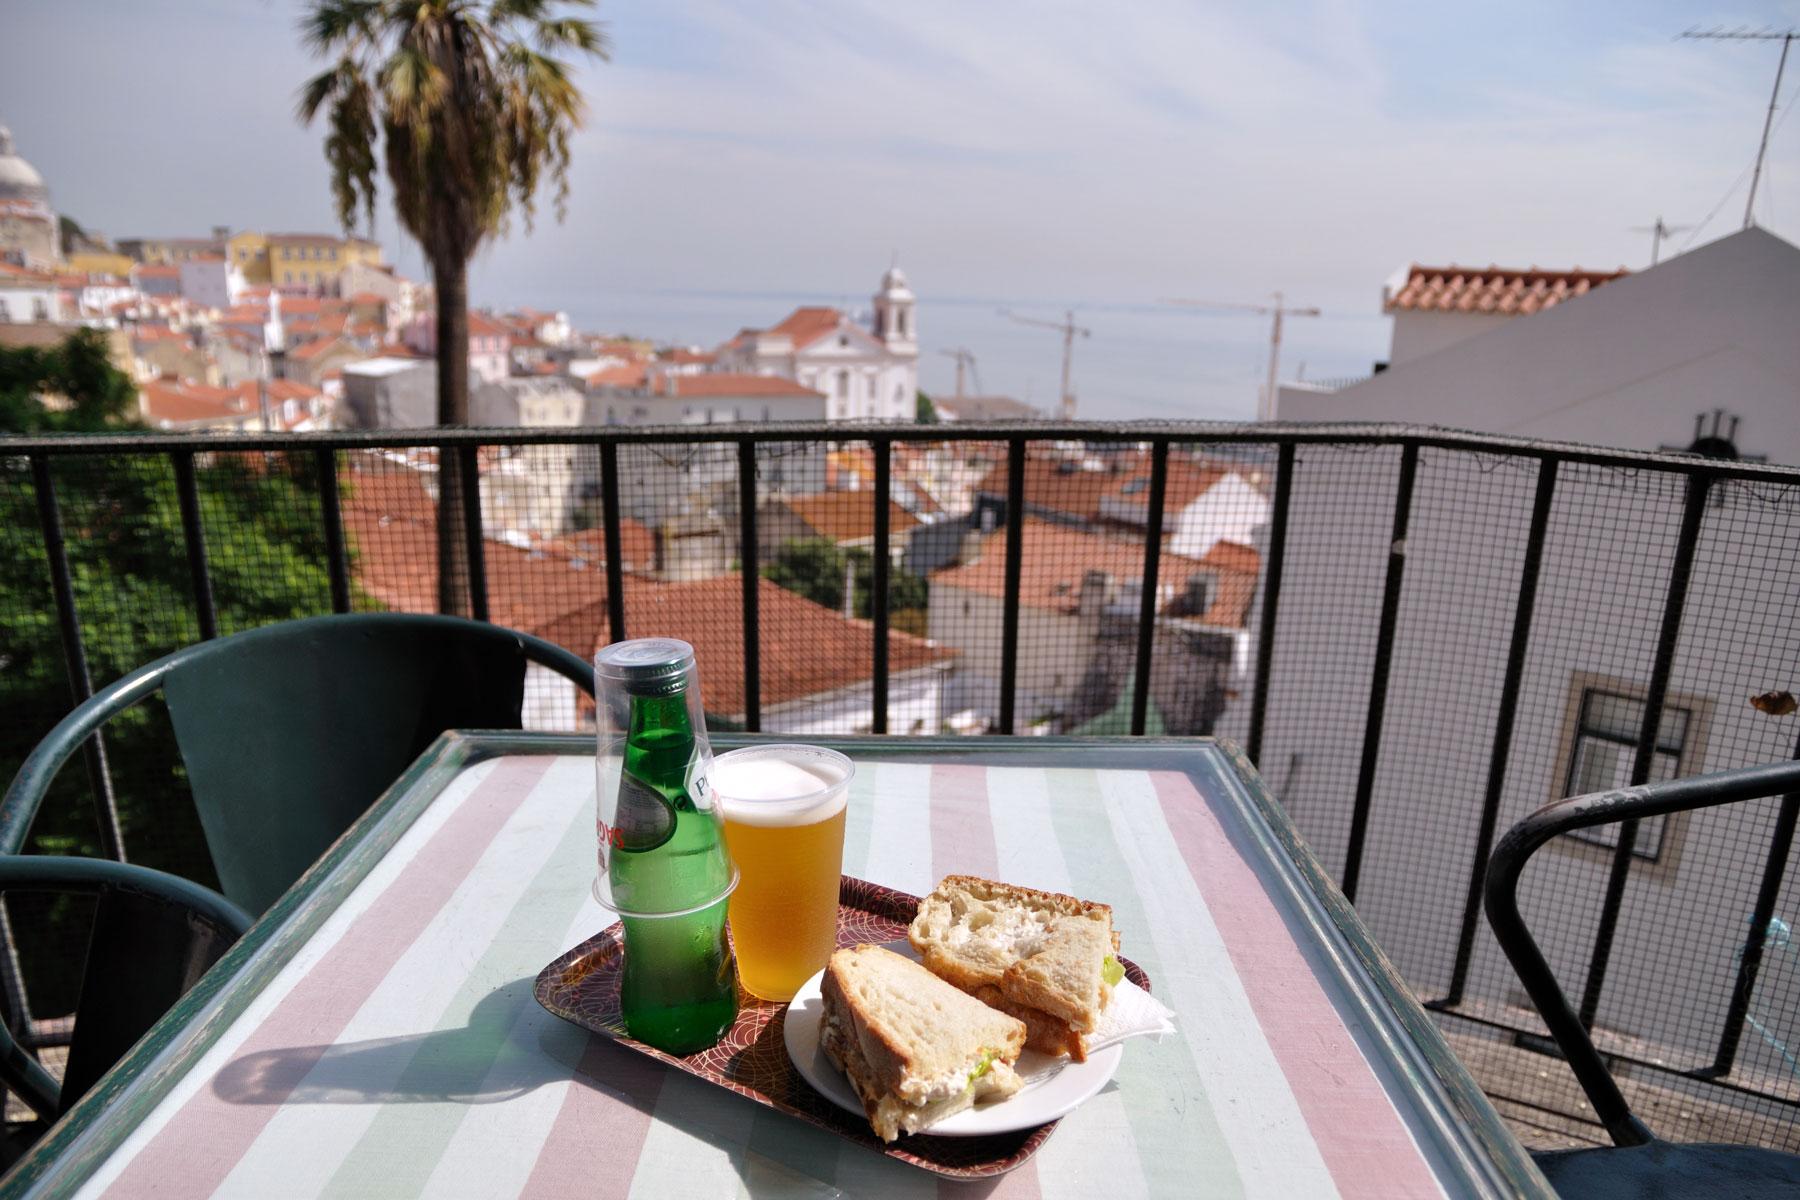 リスボン、アルファマの丘のテラスでビールとビッファーナのランチ 撮影:NIKON D90 + TOKINA 16-50mm